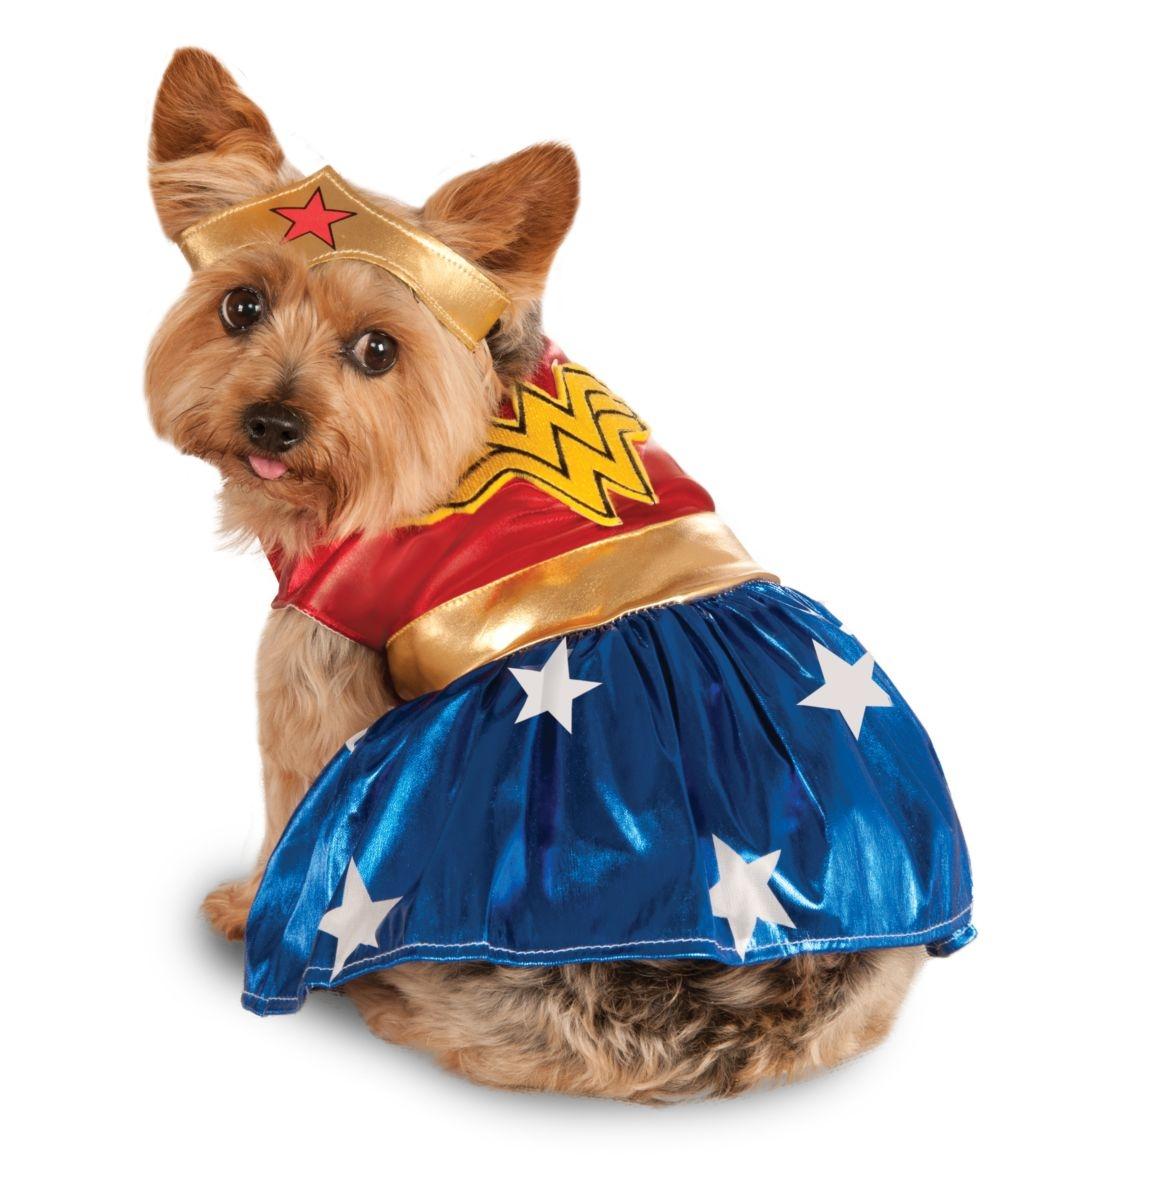 костюм для собачки картинки здесь английском, настолько